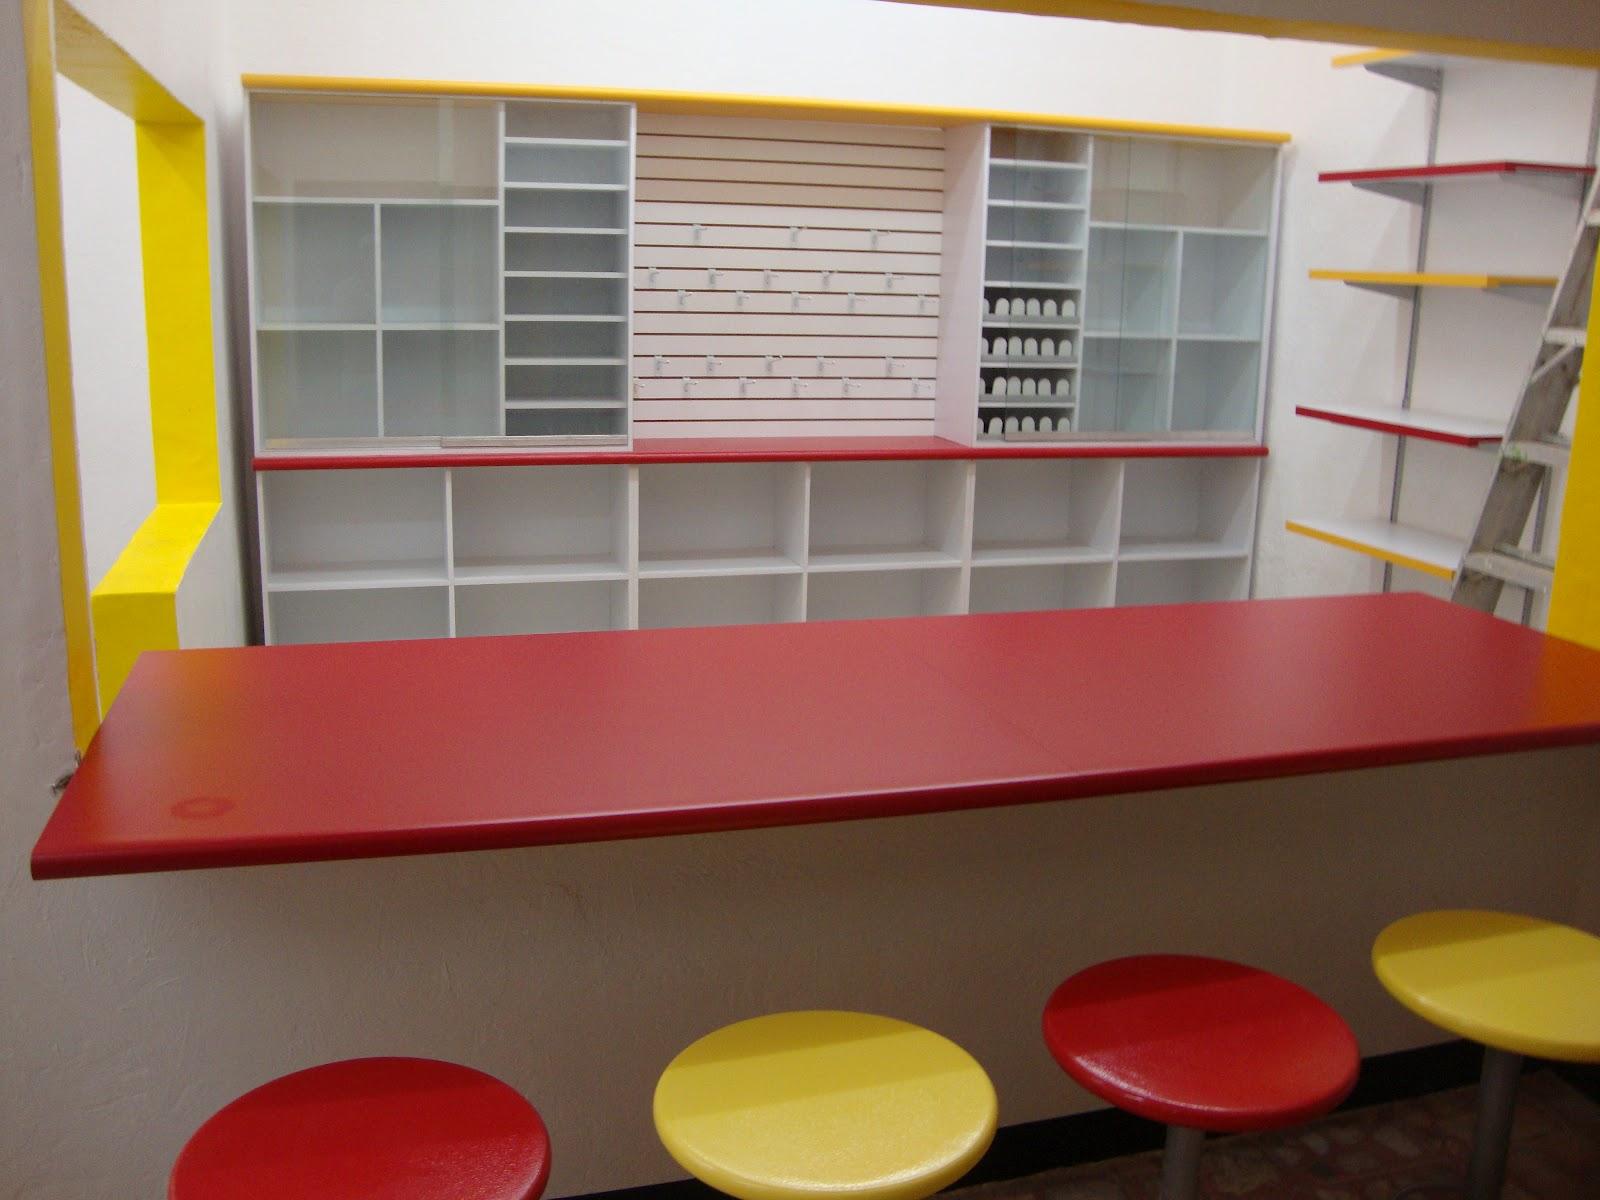 Muebles Para Tiendas Perfect Venta De Muebles Para Tienda De  # Muebles Sobre Diseo